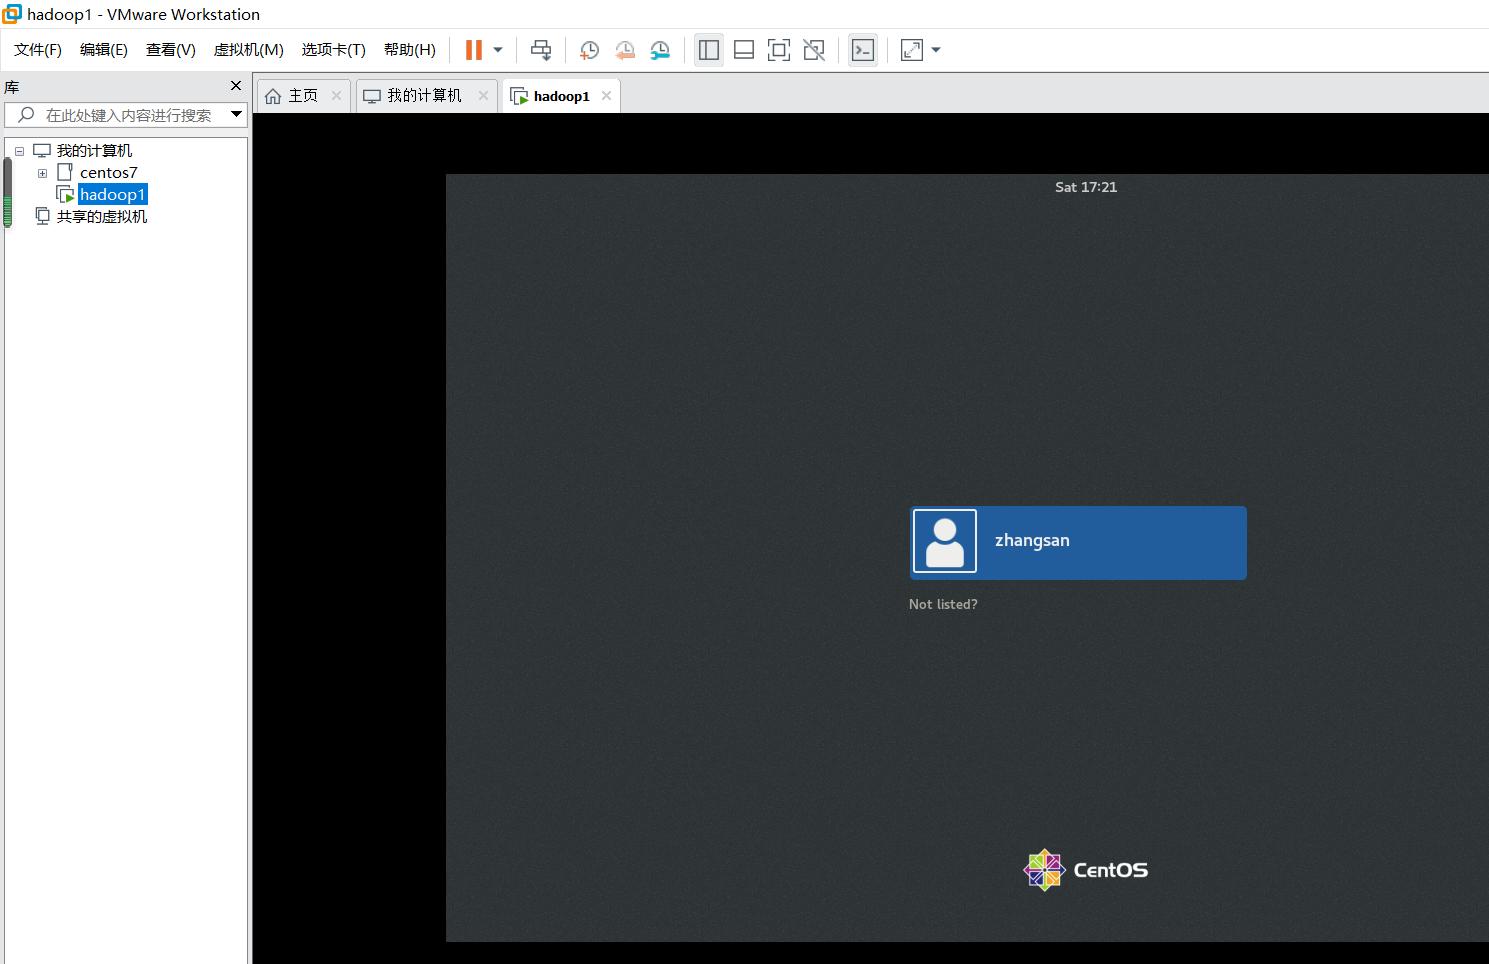 手把手教windows上安装linux虚拟机及环境配置教程